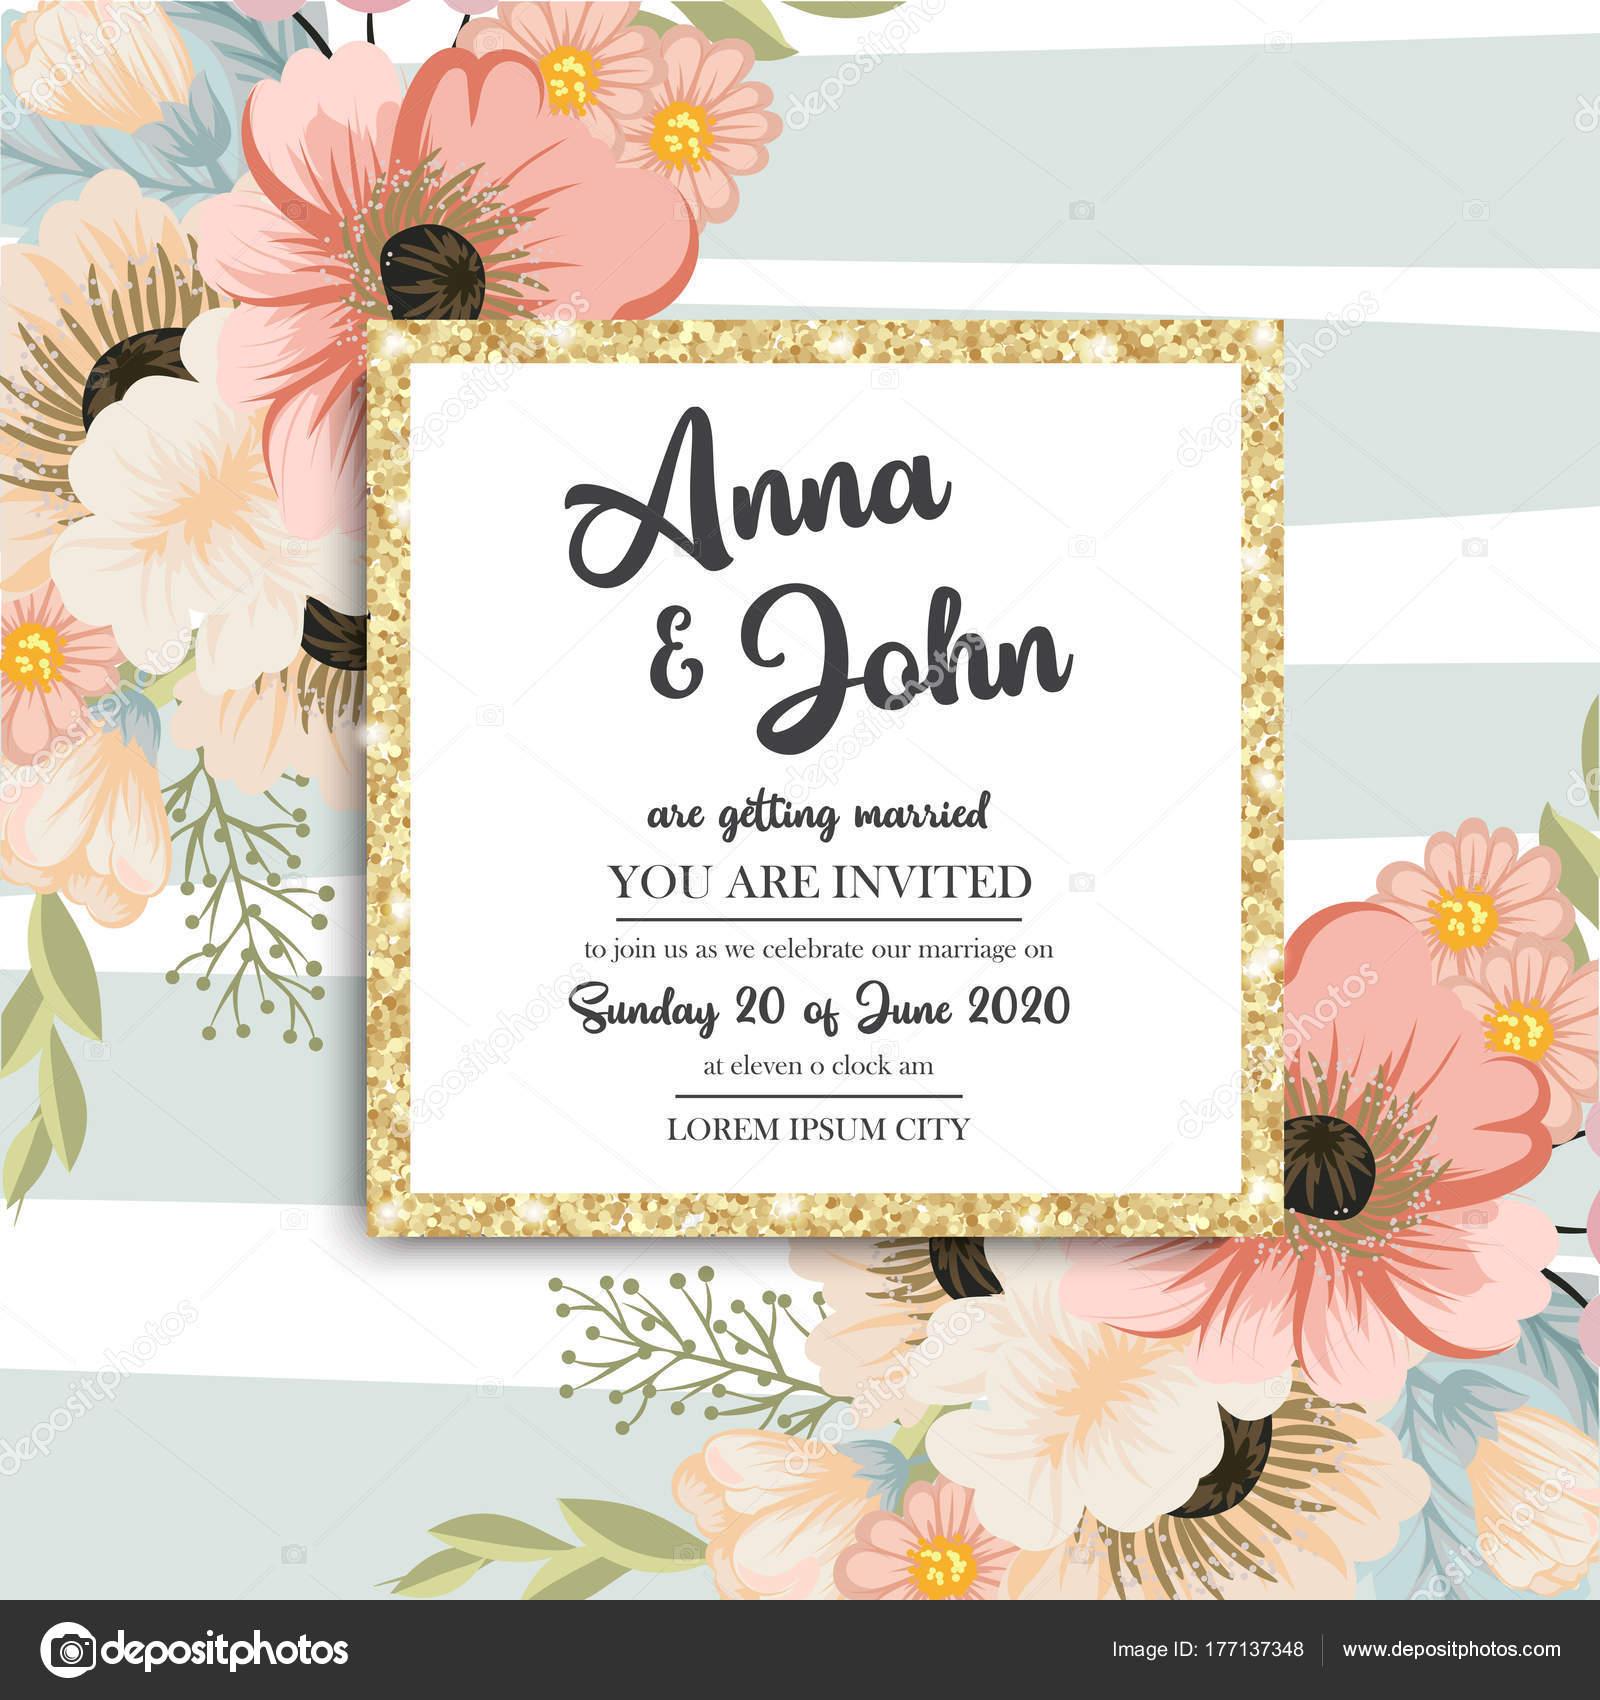 Cartoline Auguri Matrimonio : Cartolina auguri con fiori acquerelli utilizzabile come carta